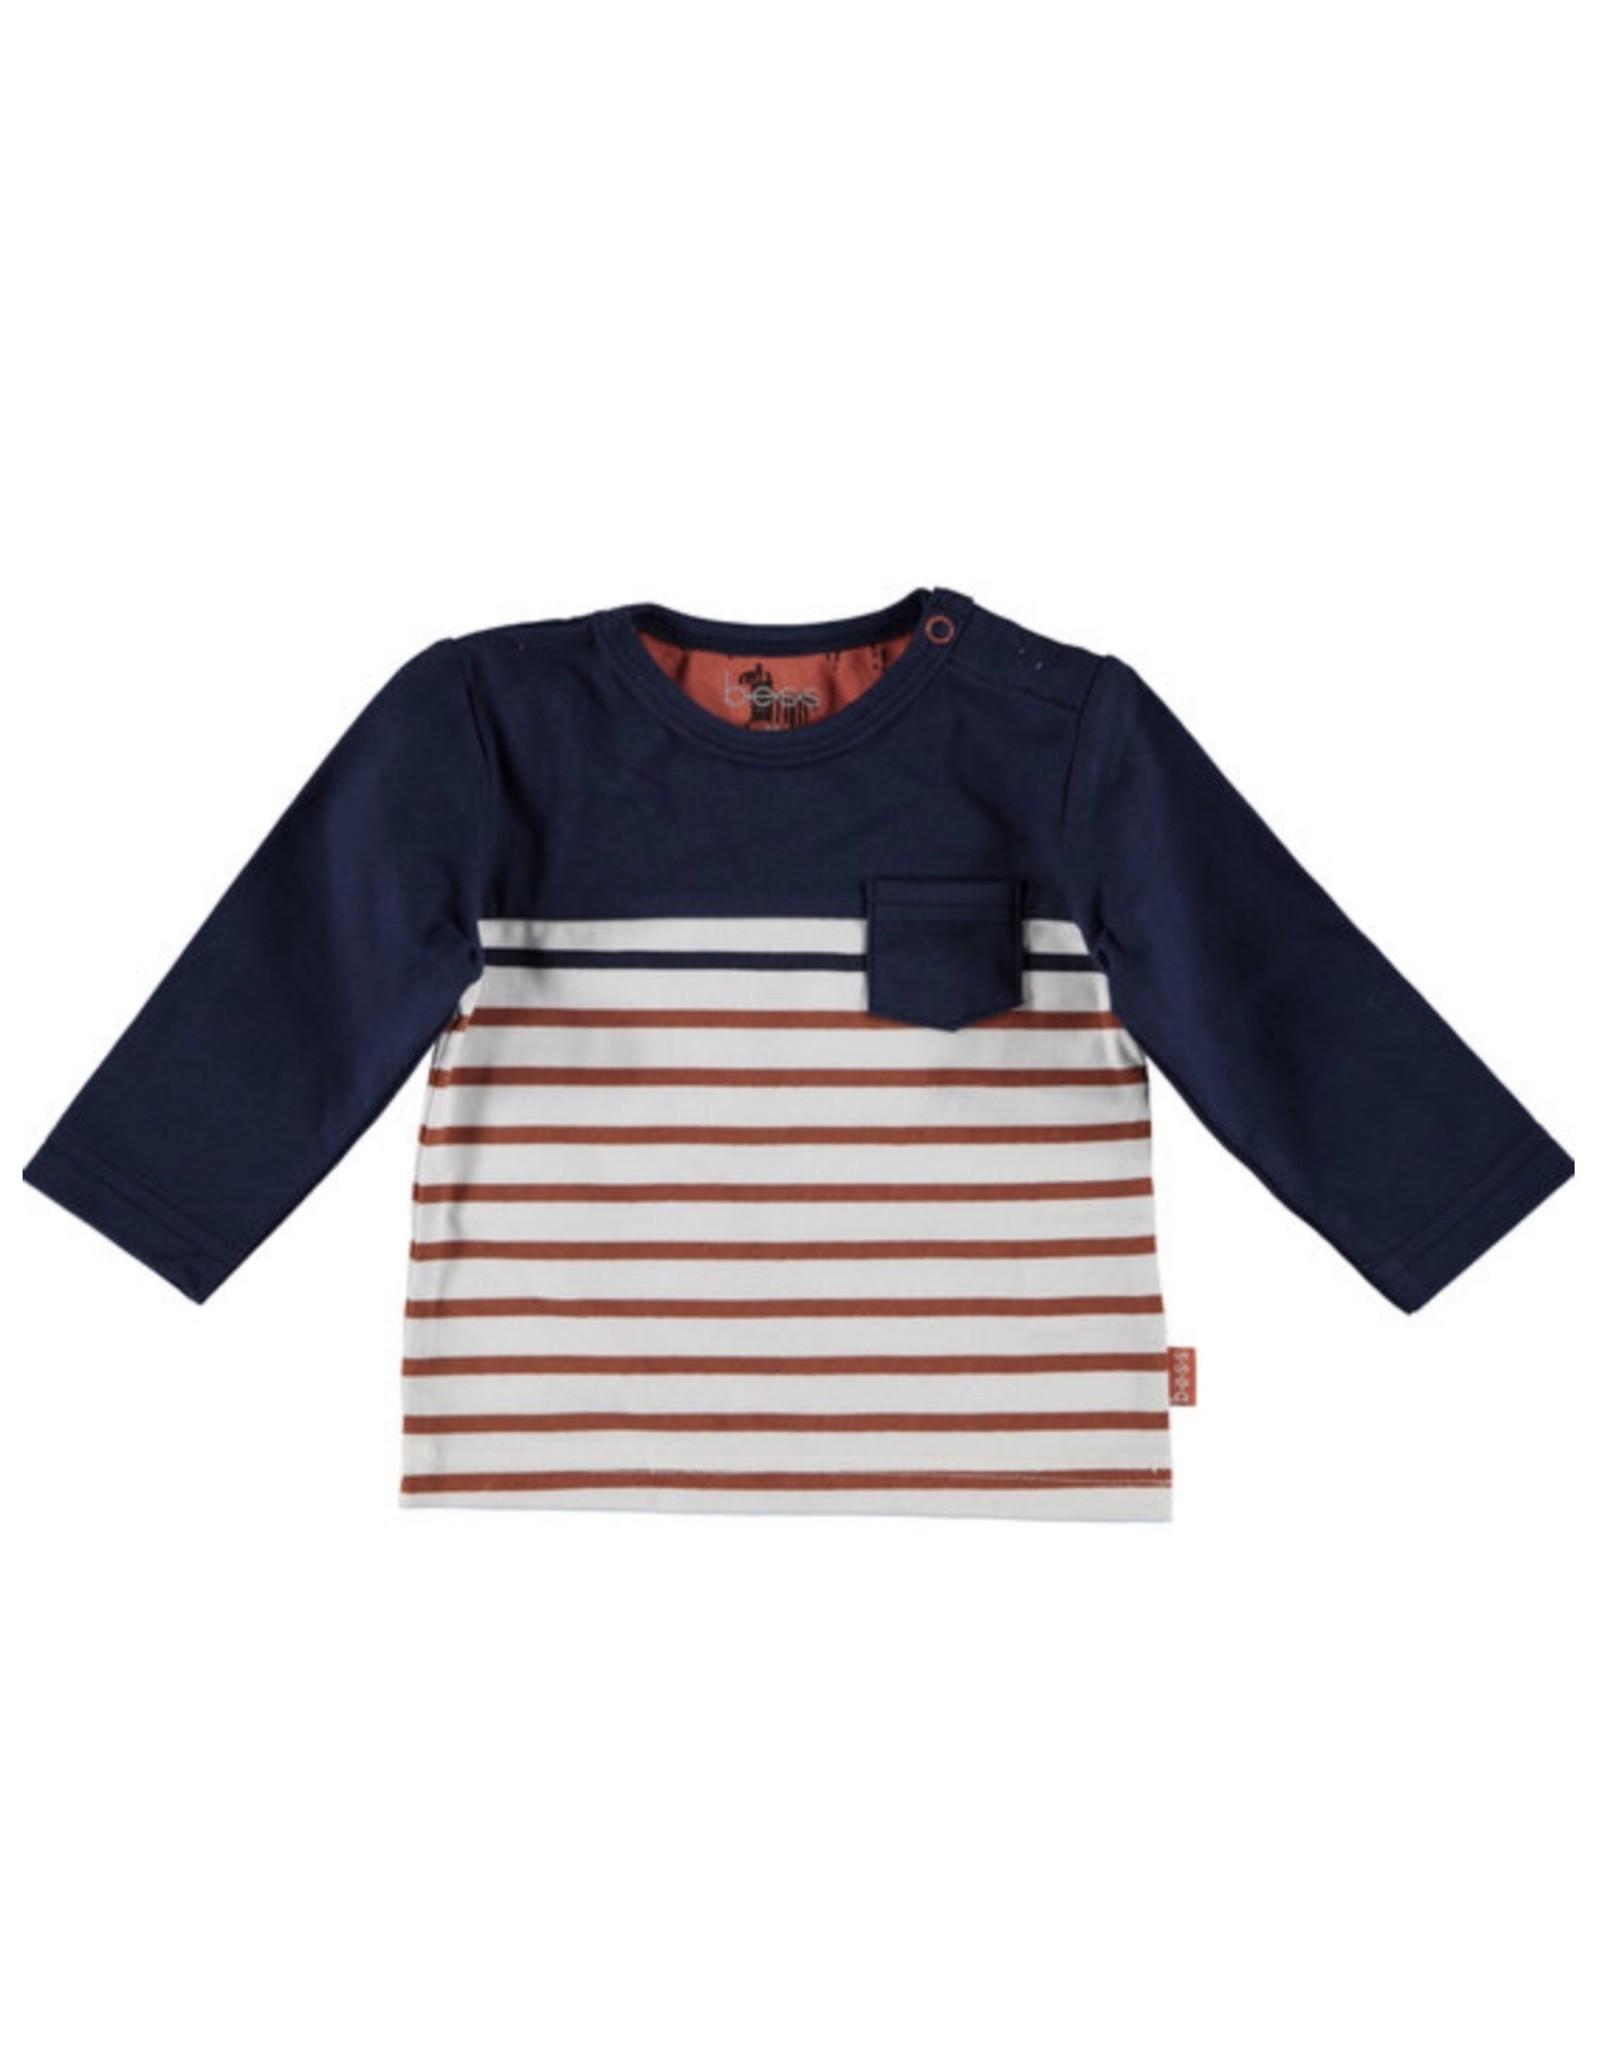 B*E*S*S 21006 T-Shirt